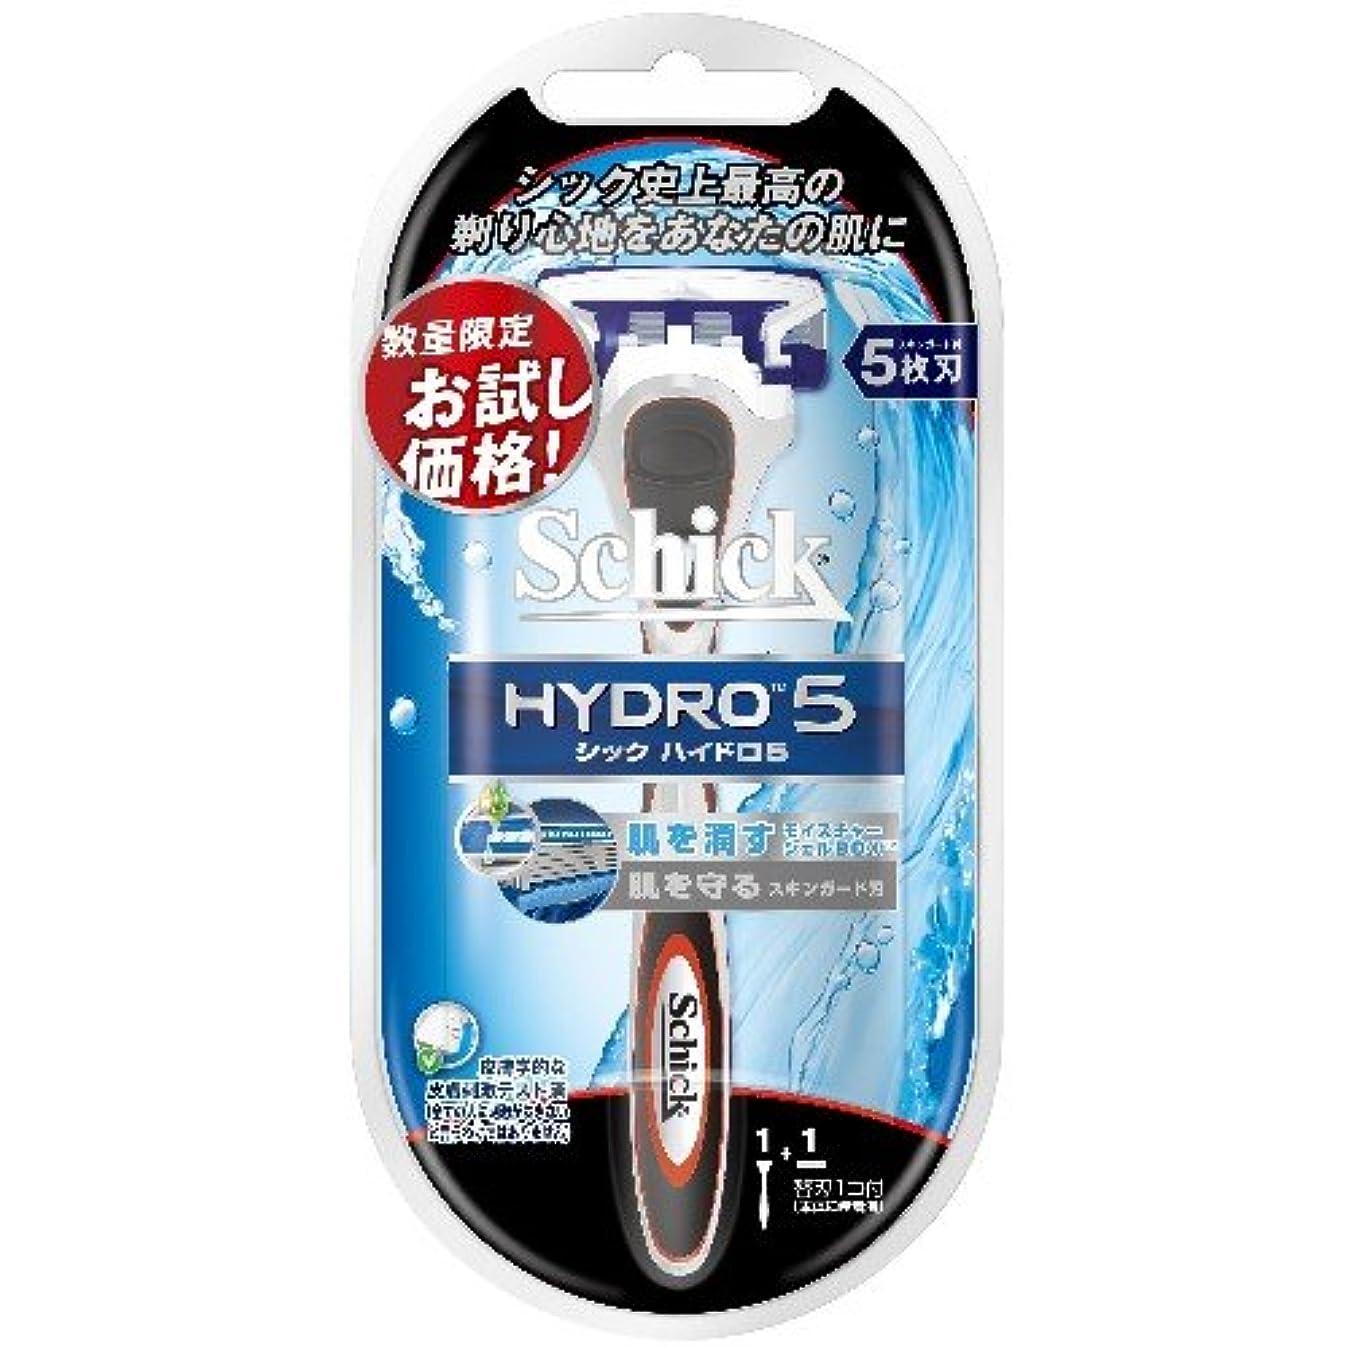 グリーンバック体細胞寛容なシック 【限定品】ハイドロ5 お試しホルダー 替刃1コつき